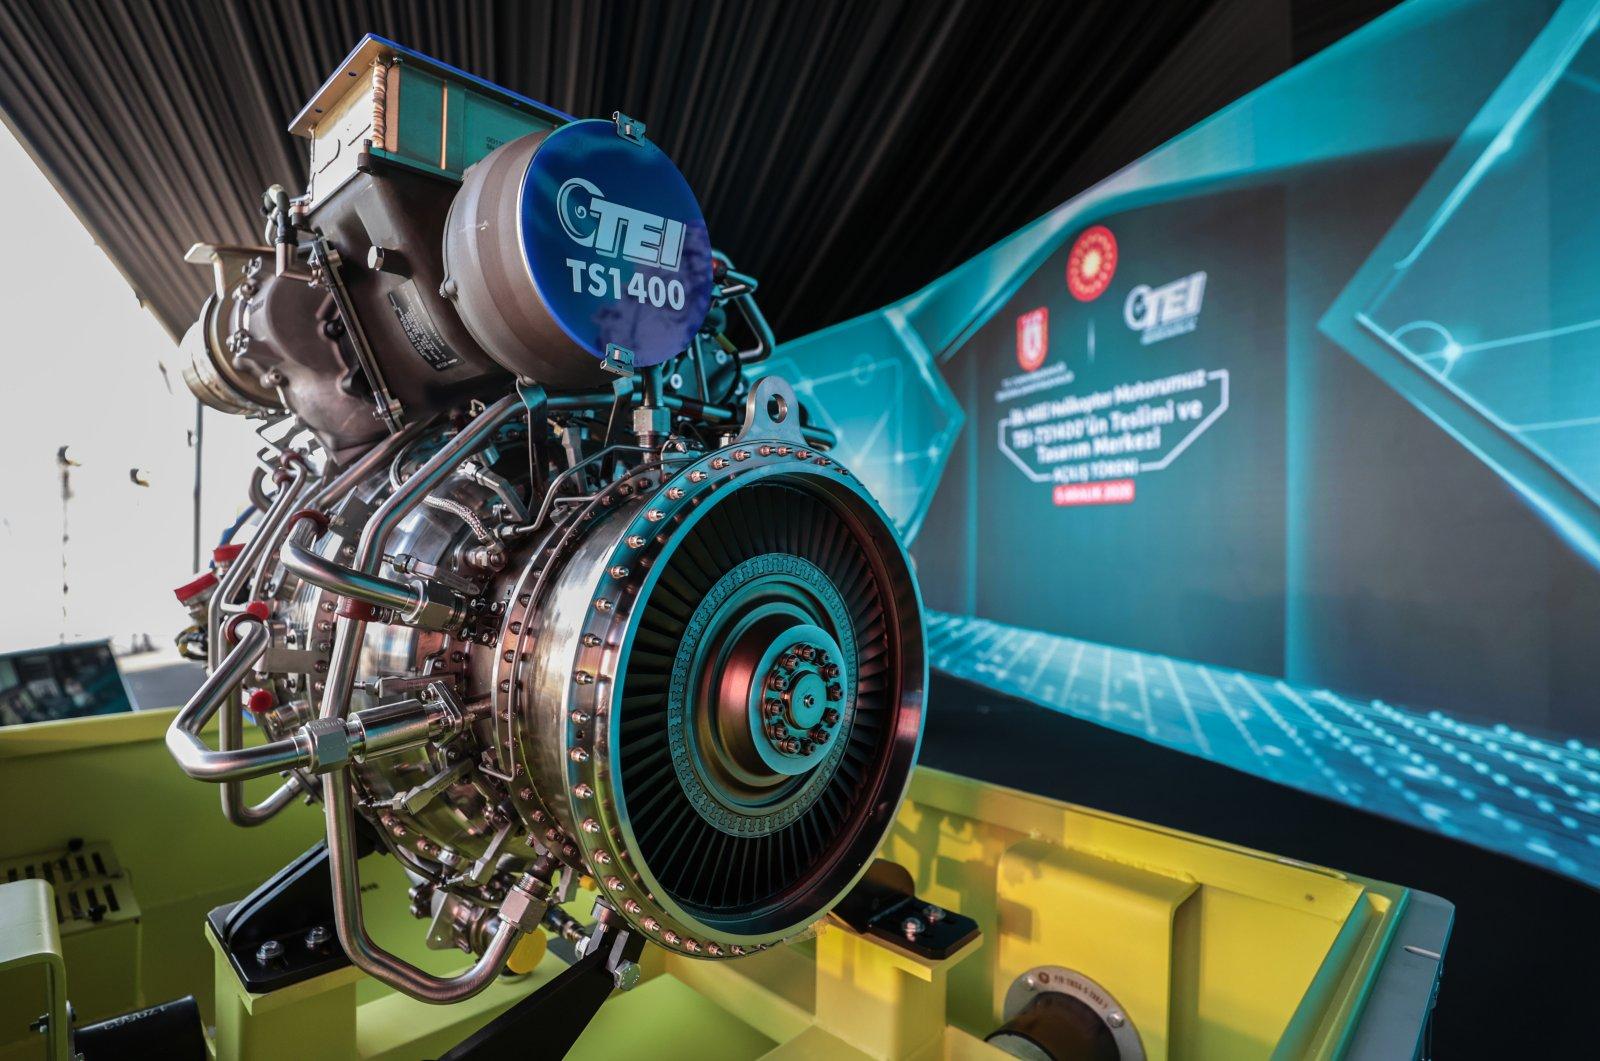 ترکیه موتور توربوشفت بومی میسازد